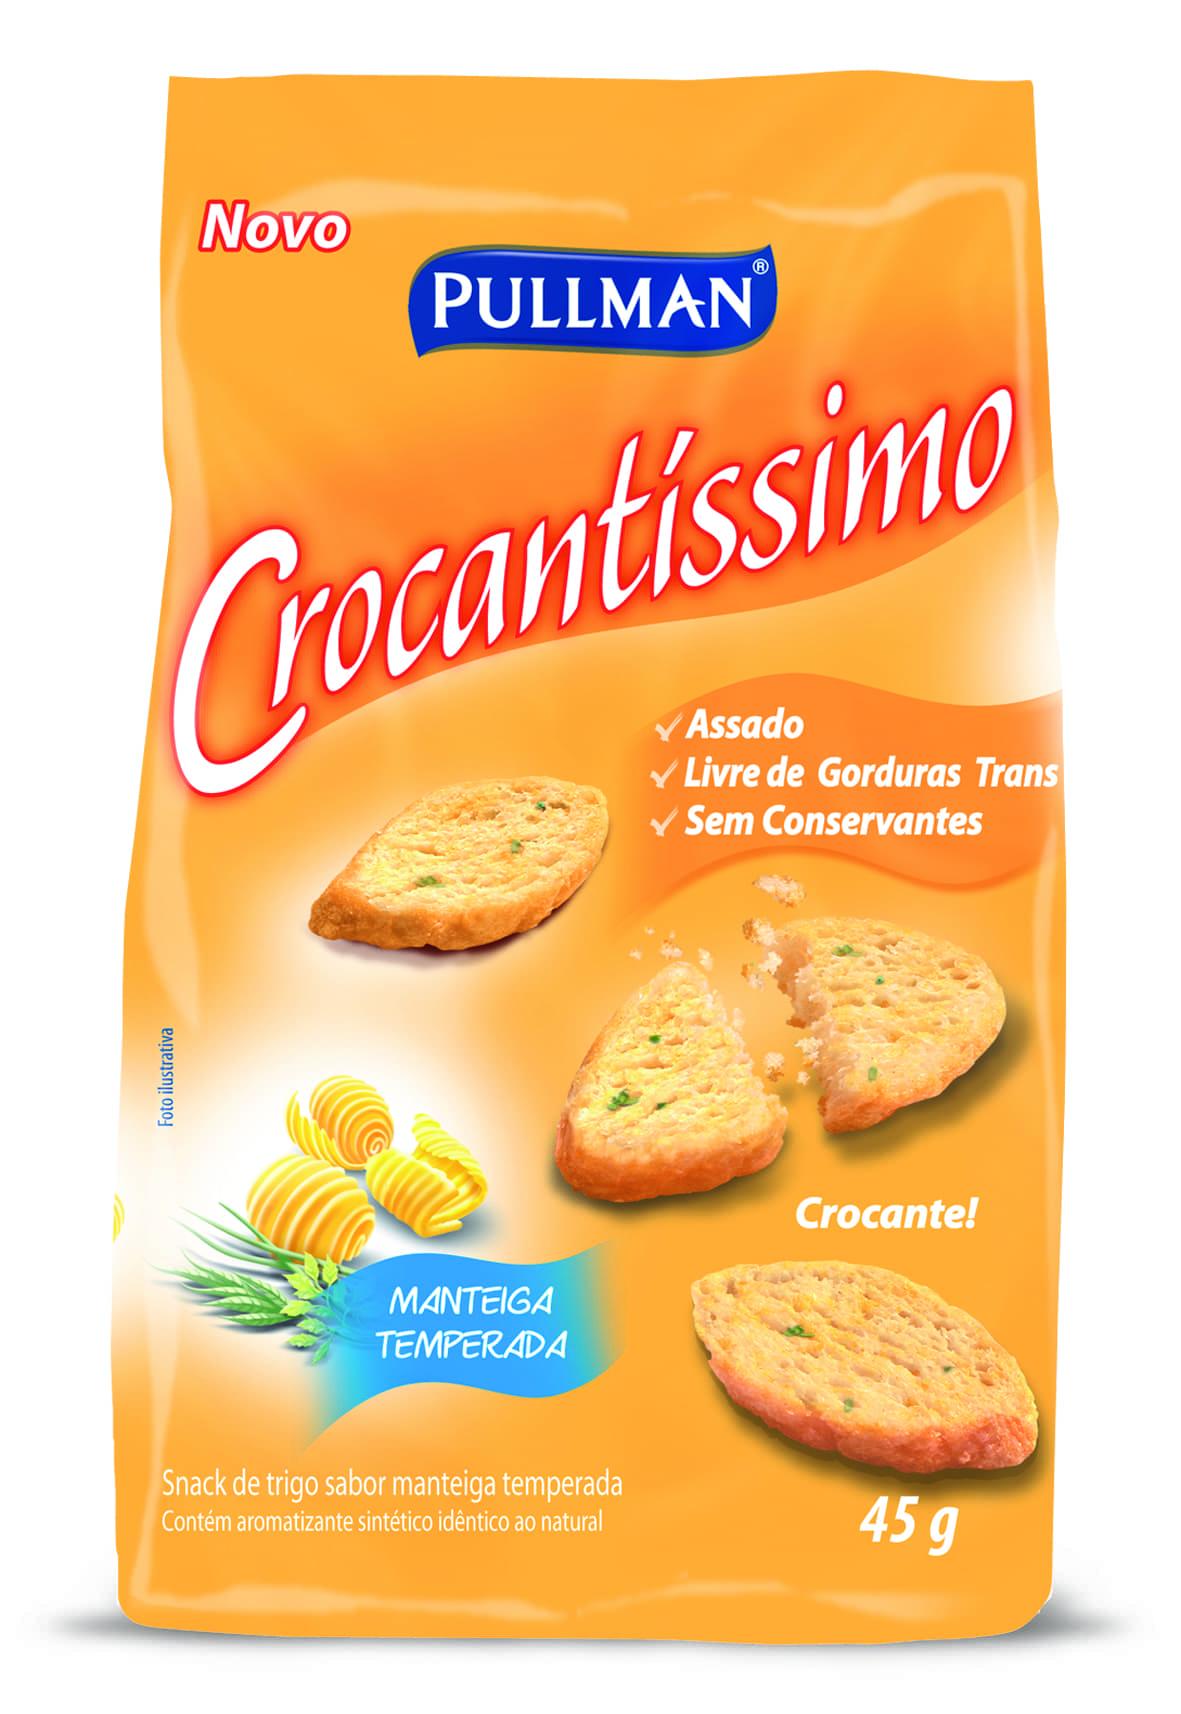 Crocantissimo_manteiga-temperada_PULLMAN